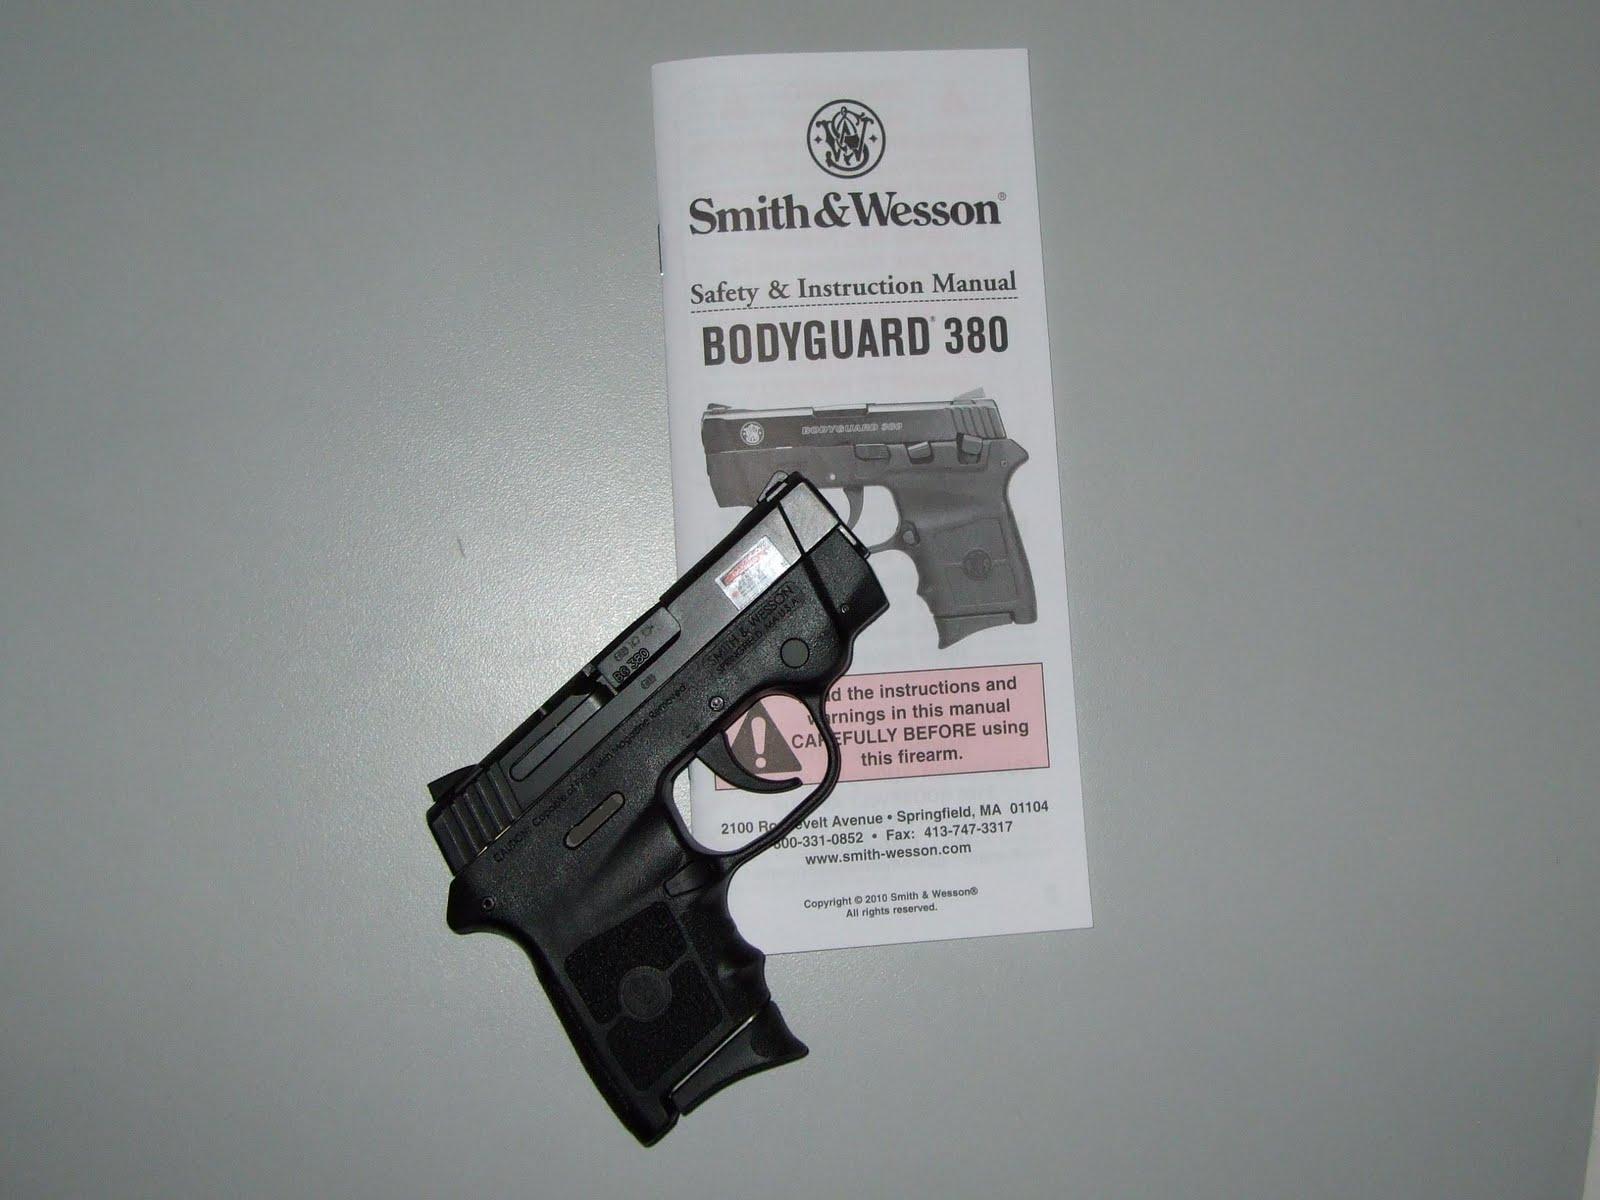 Dorable Smith Y Wesson Tamaños De Cuadro Embellecimiento - Ideas de ...